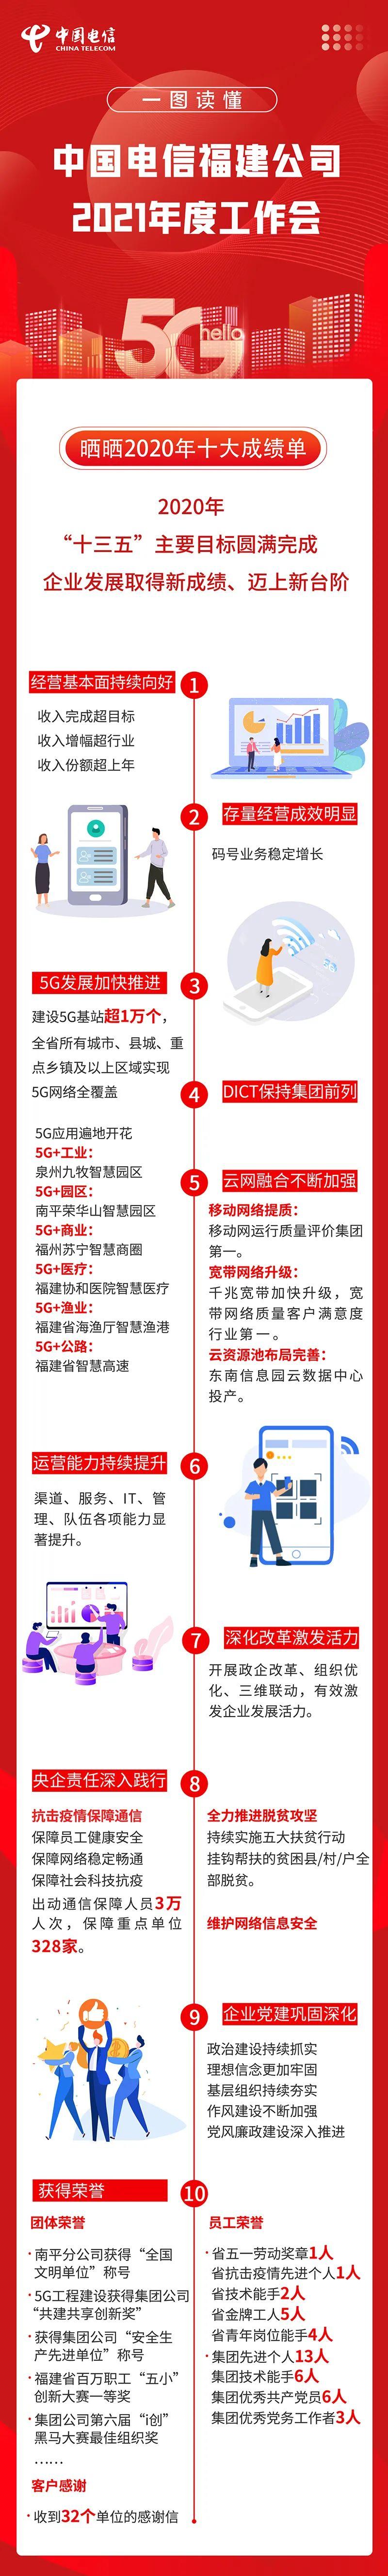 推进高质量发展丨中国电信福建公司亮招!